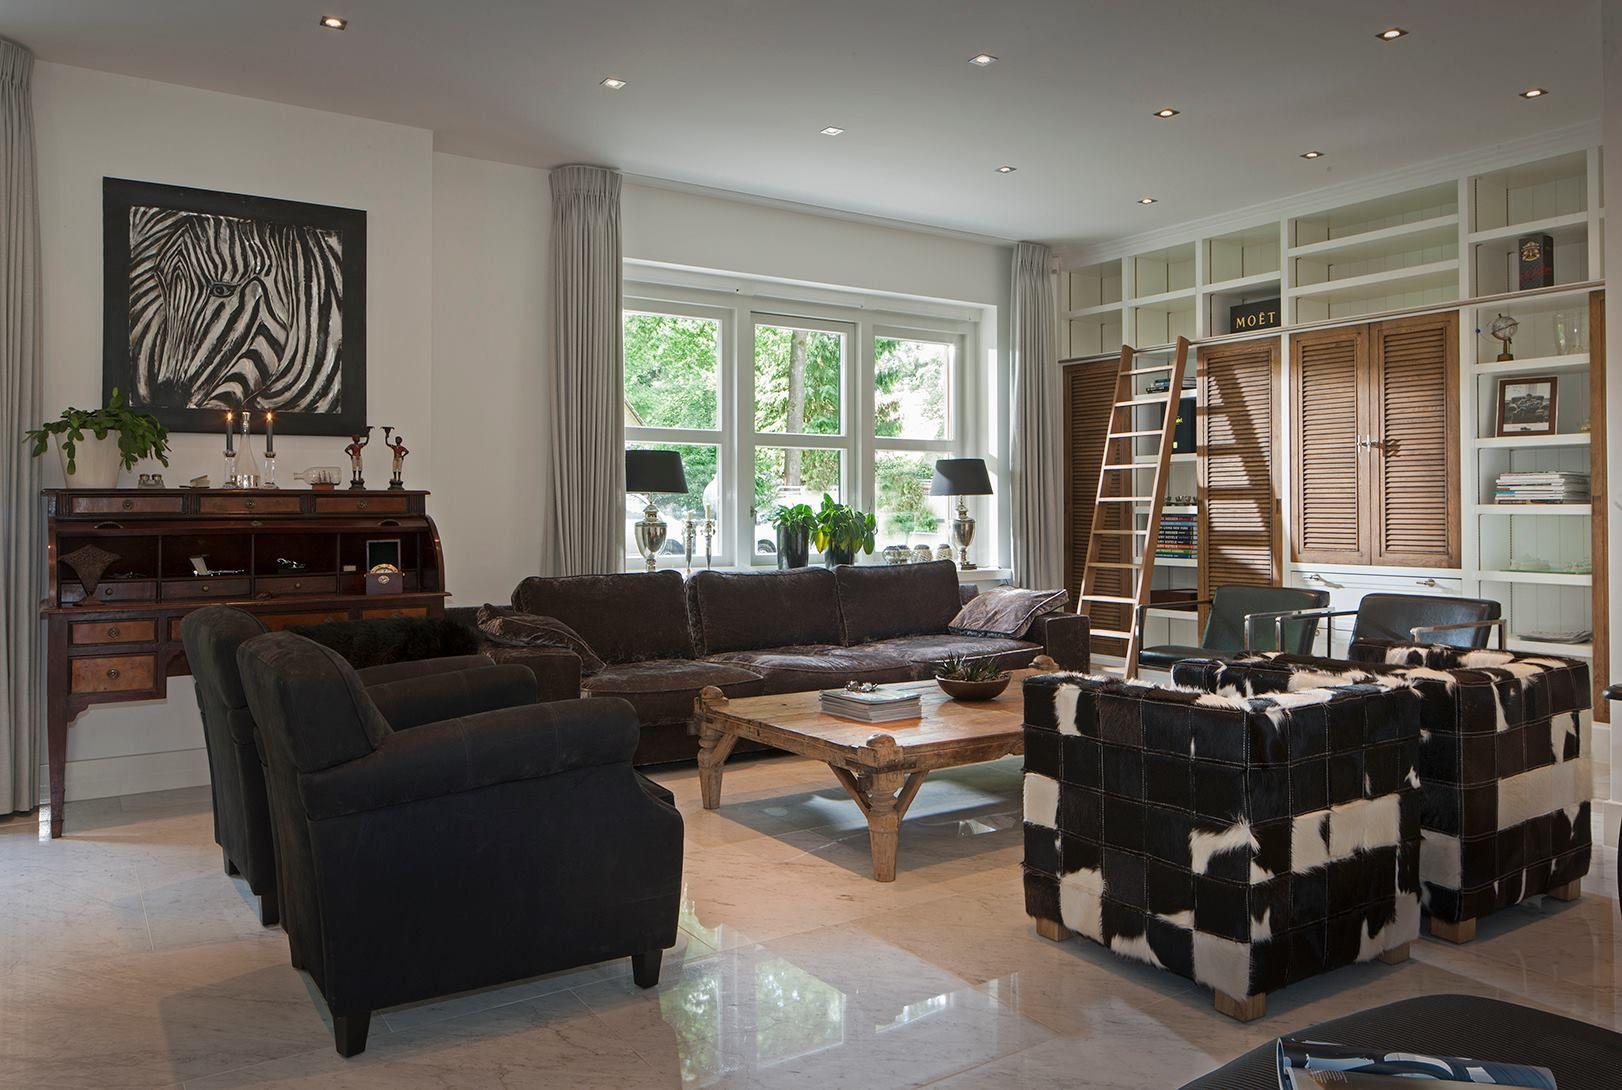 Woonkamer Ideeen Bruin : Mooie woonkamer waarin zwart wit en bruin prachtig met elkaar